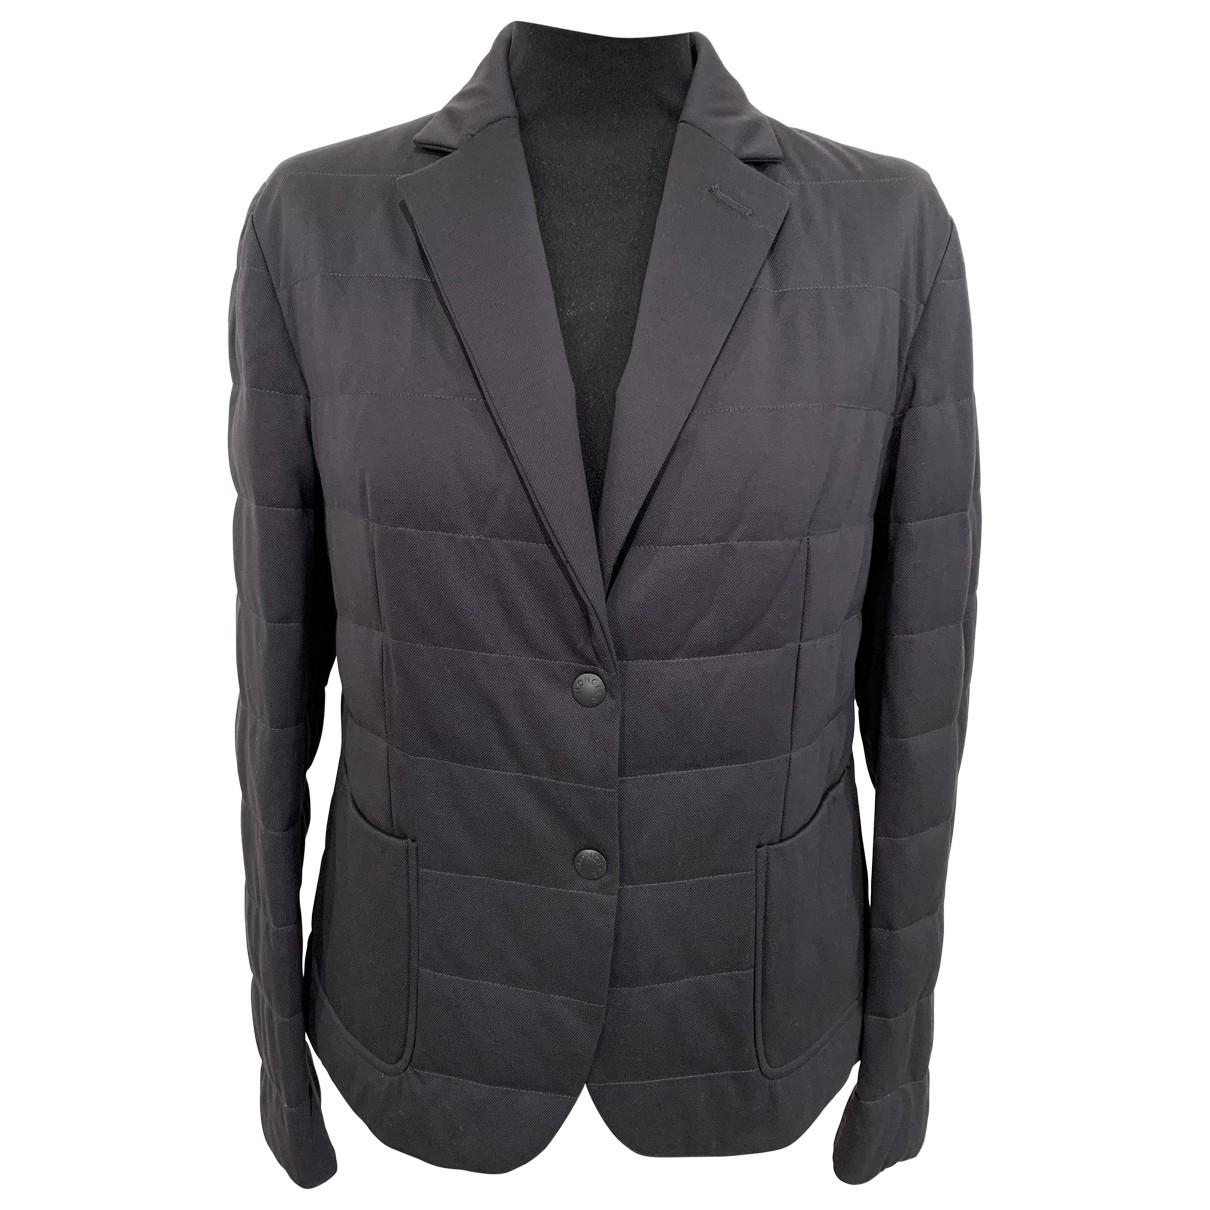 Moncler \N Jacke in  Grau Polyester